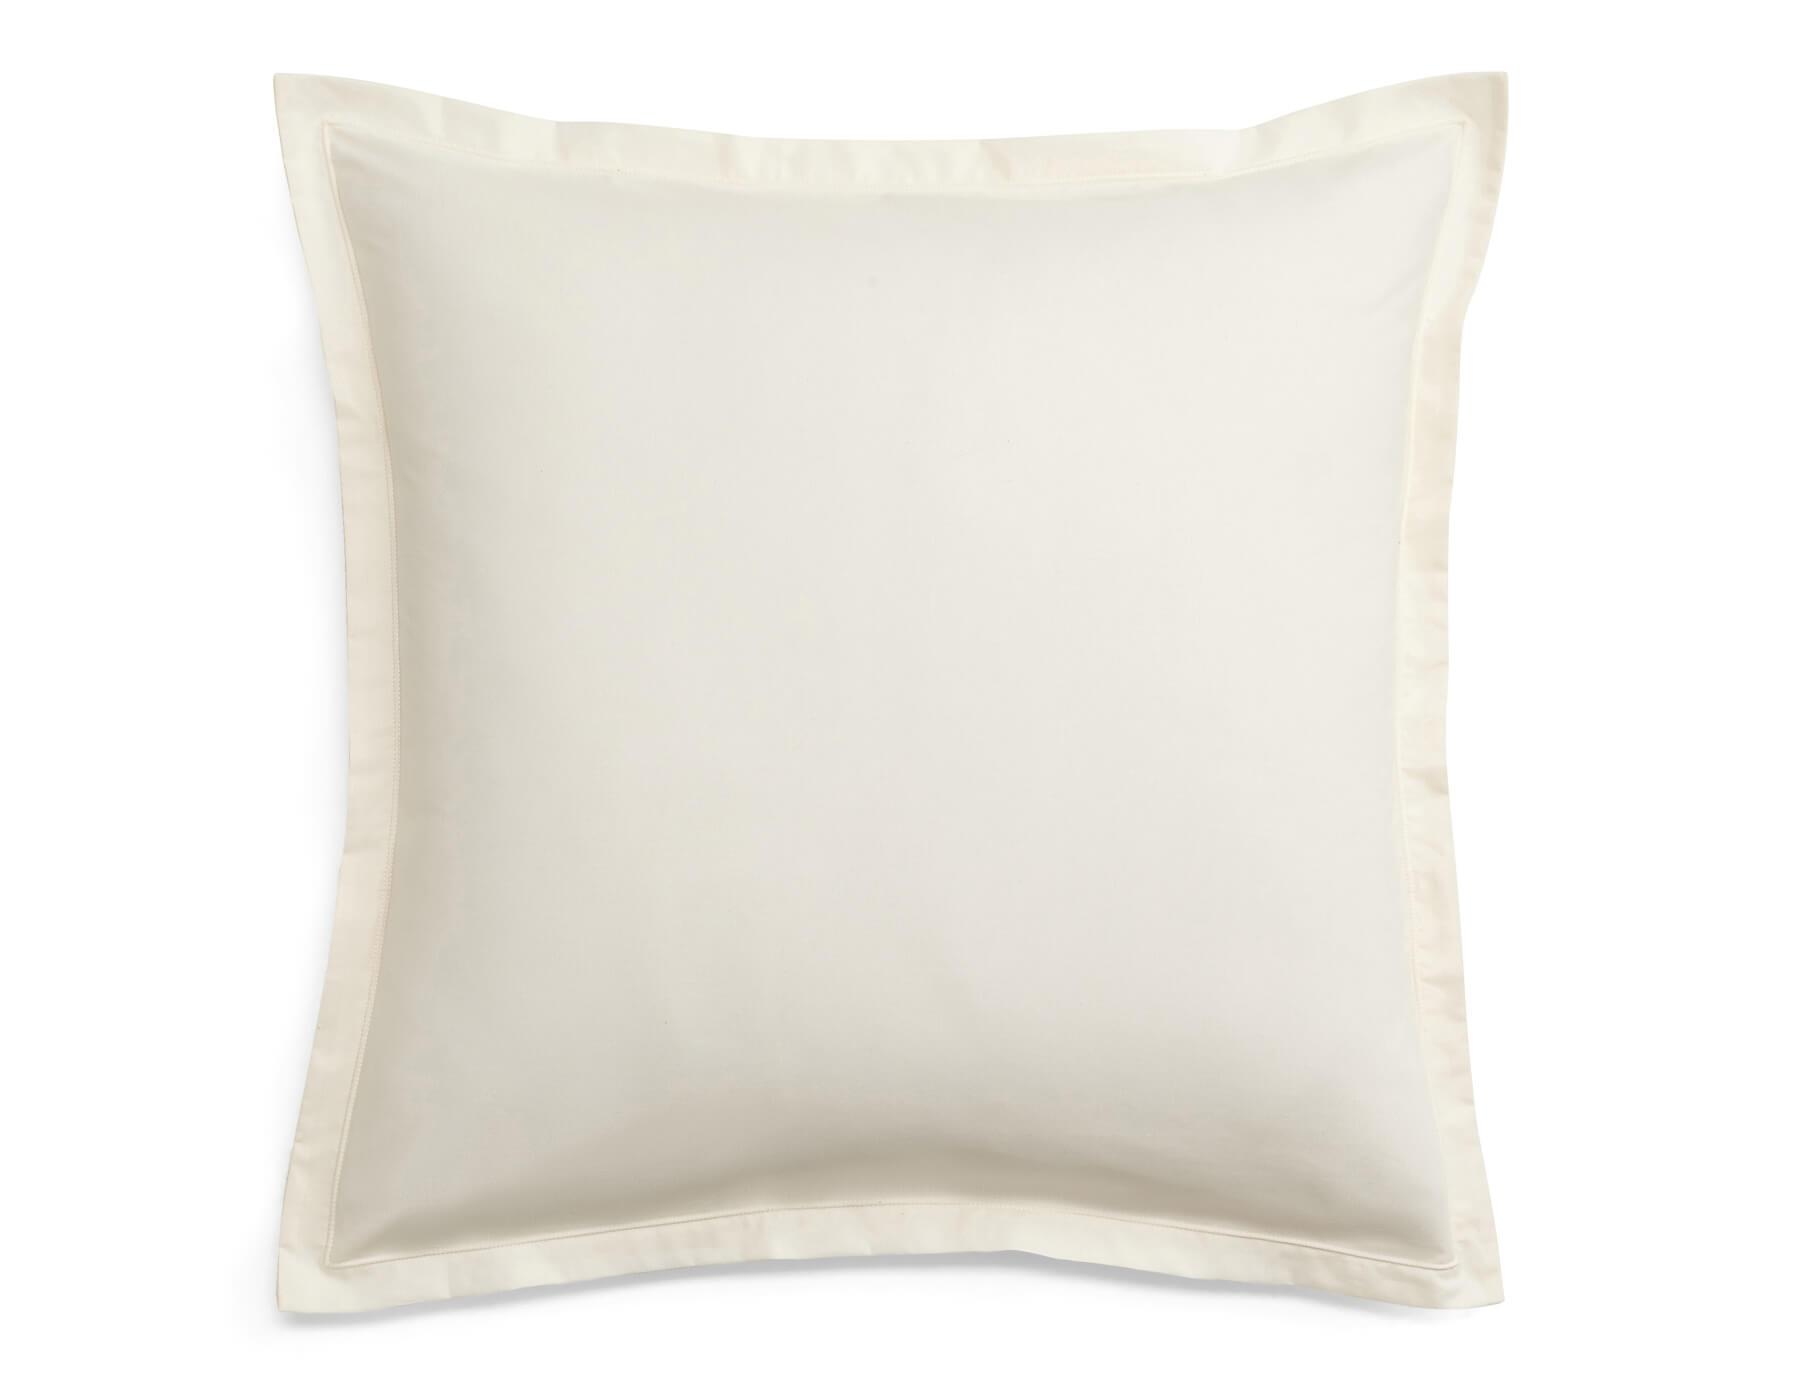 Linge de lit Coton fin tissage serré 60 fils/cm2